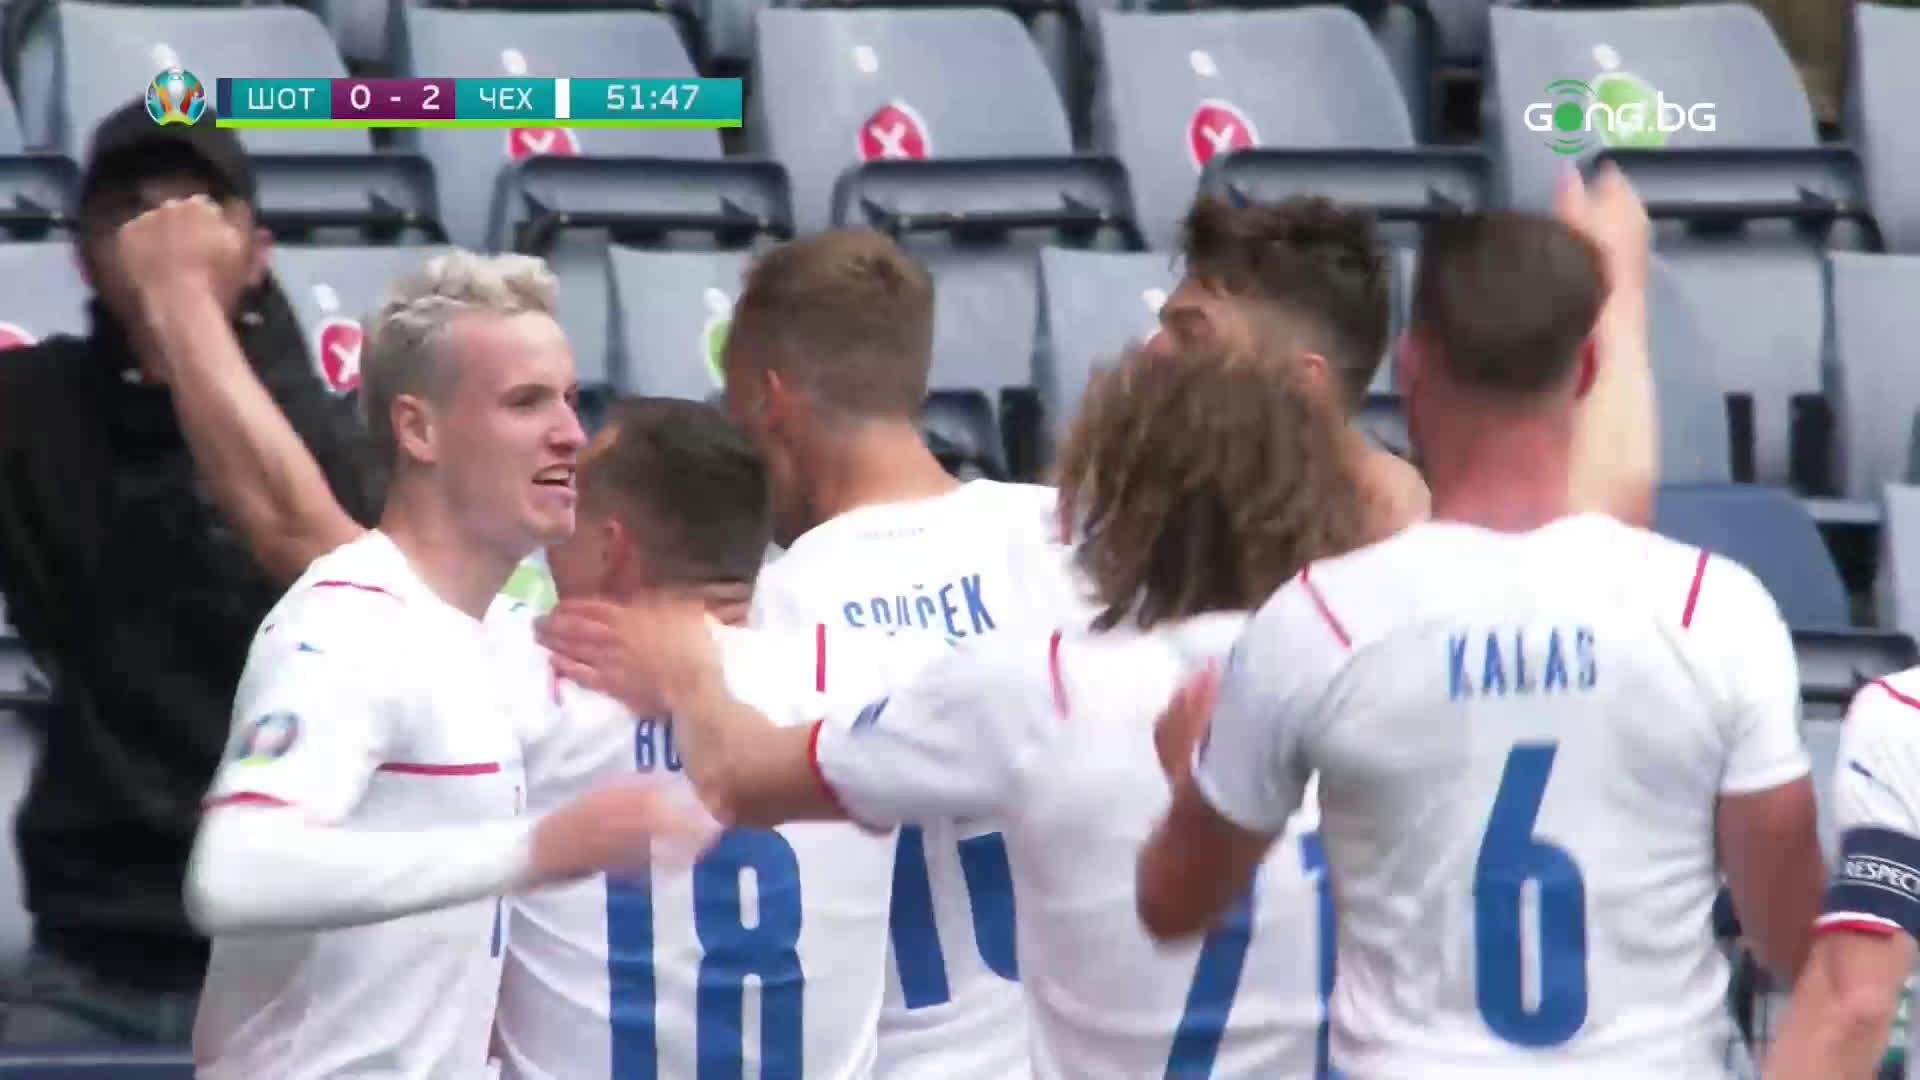 Феноменално! Това ли е голът на UEFA EURO 2020?